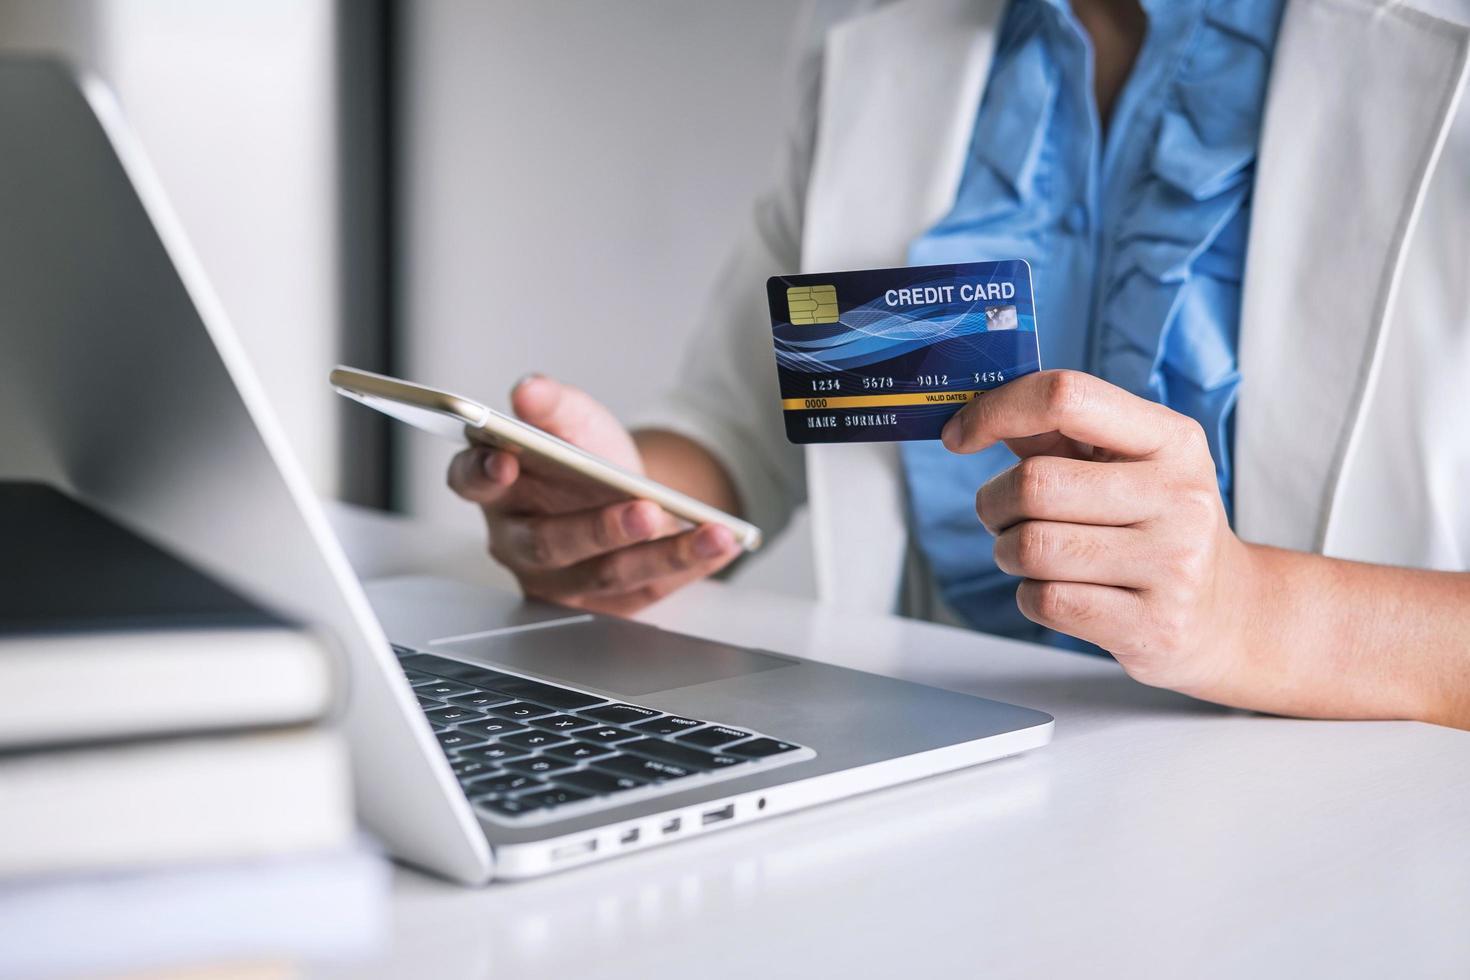 femme tenant une carte de crédit achats en ligne photo